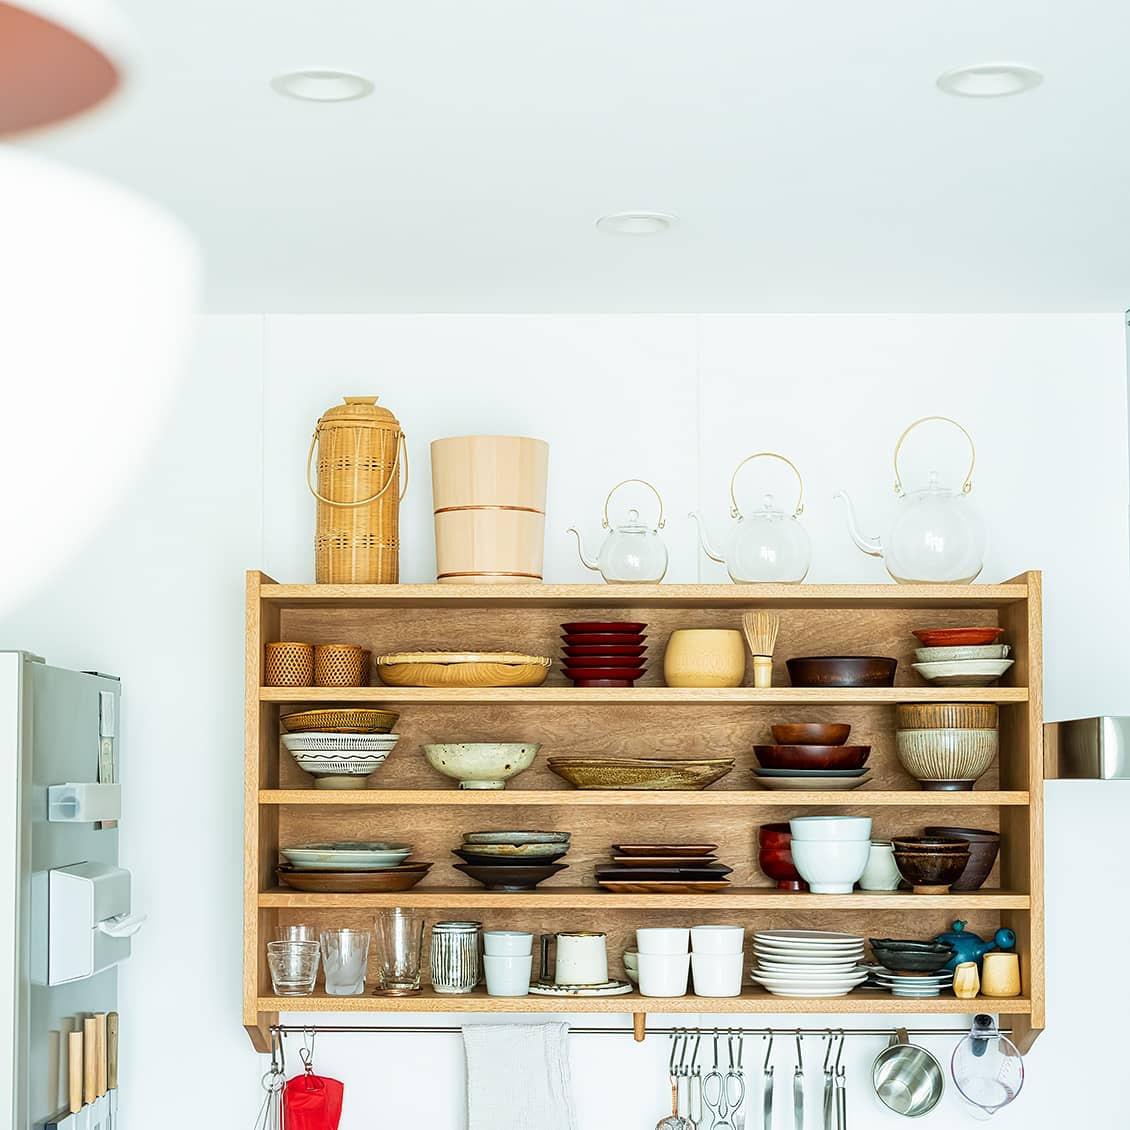 【小さな家のインテリア】第2話:「機能性」も「ときめき」も。小さなキッチンの、大きな魅力って?